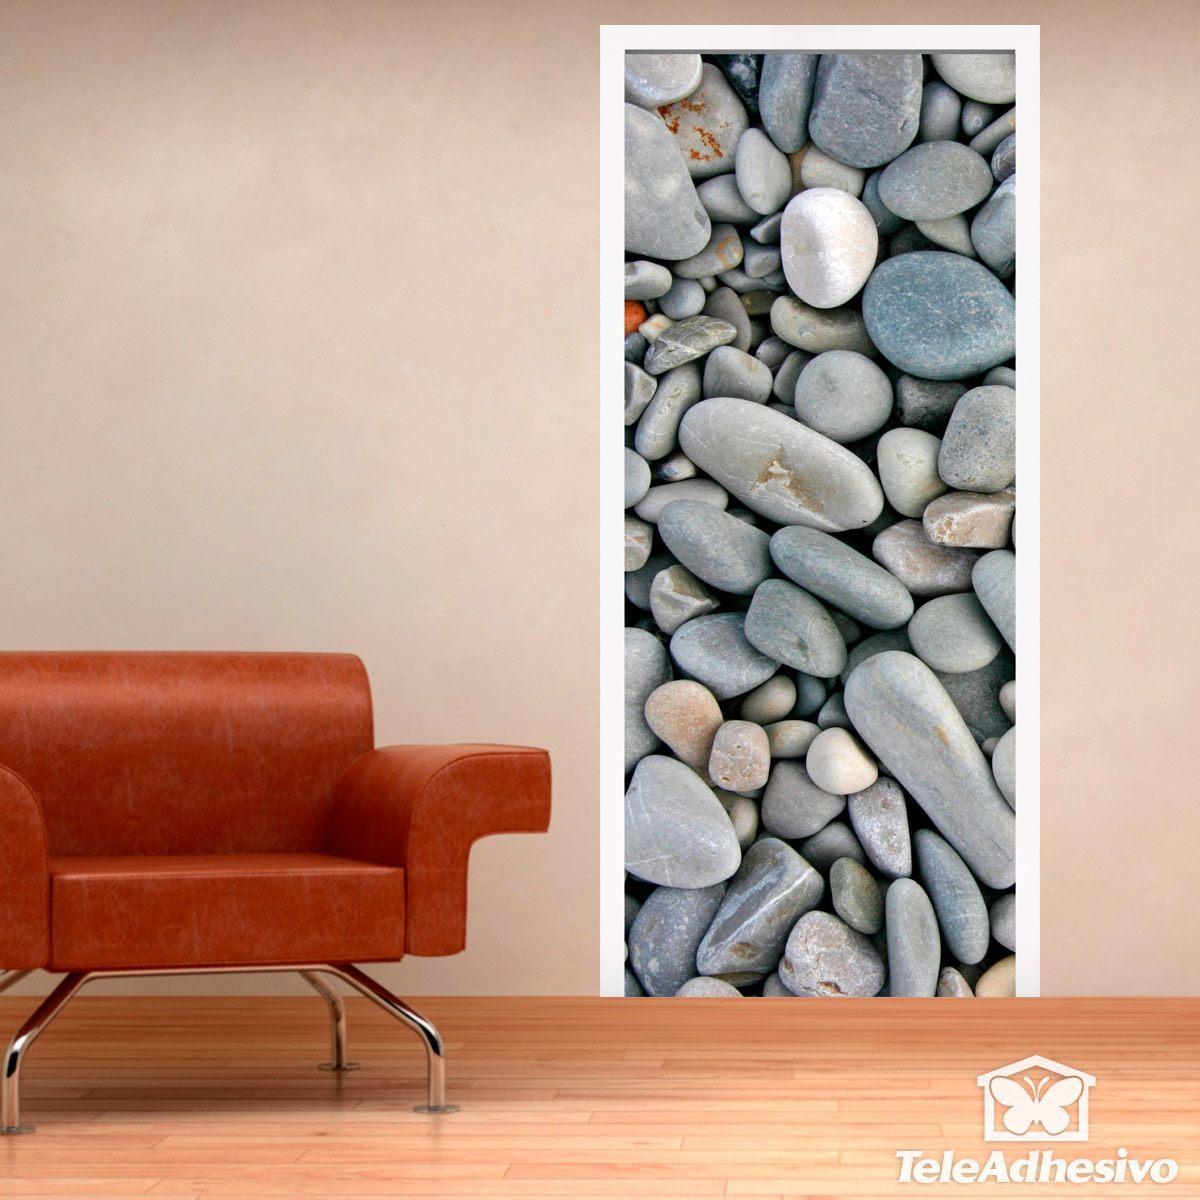 door stones rounded wall stickers door stones rounded